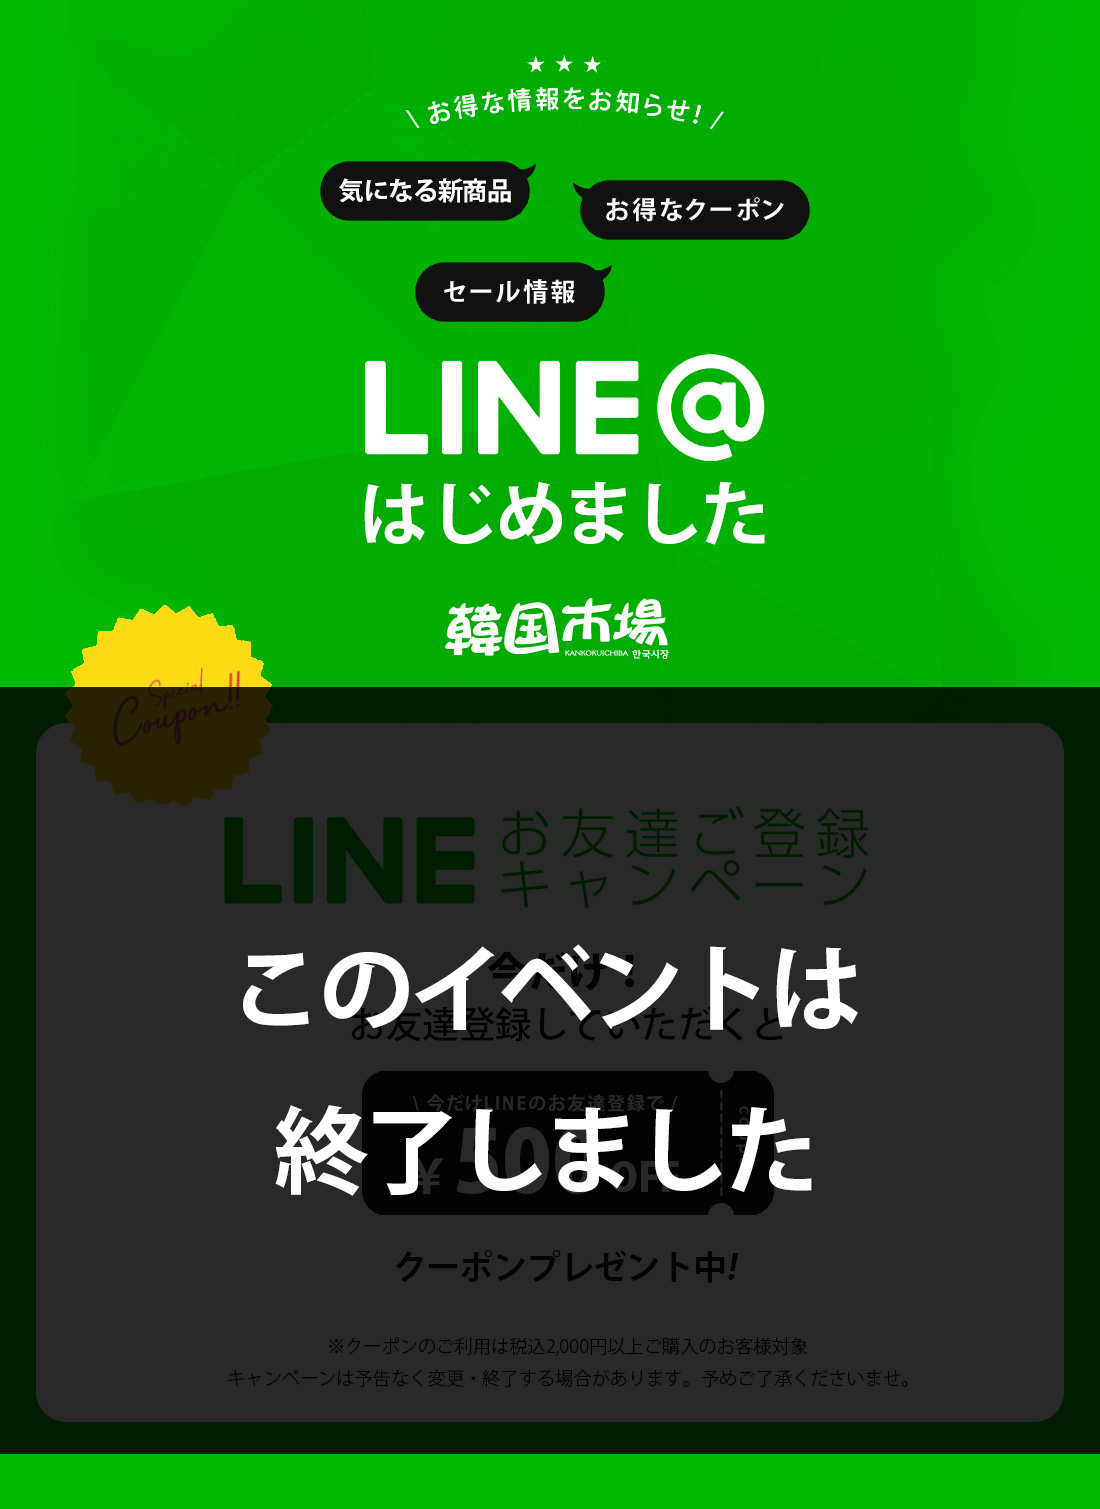 LINEお友達クーポンキャンペーン